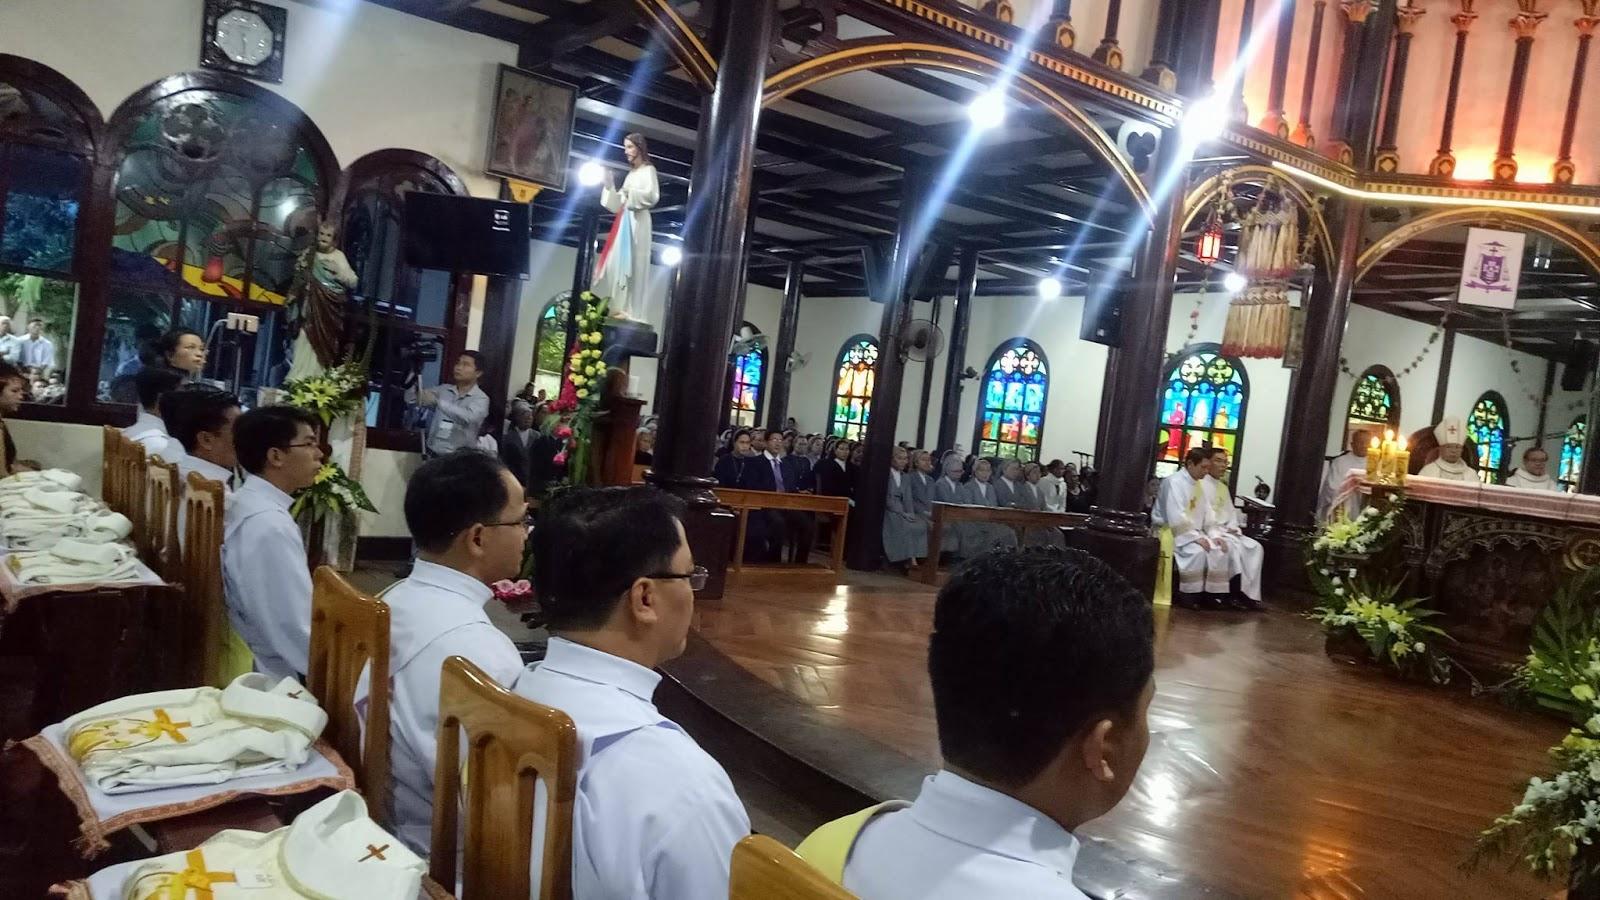 Thánh Lễ Truyền Chức Linh Mục Giáo Phận Kontum 2017 - Ảnh minh hoạ 16